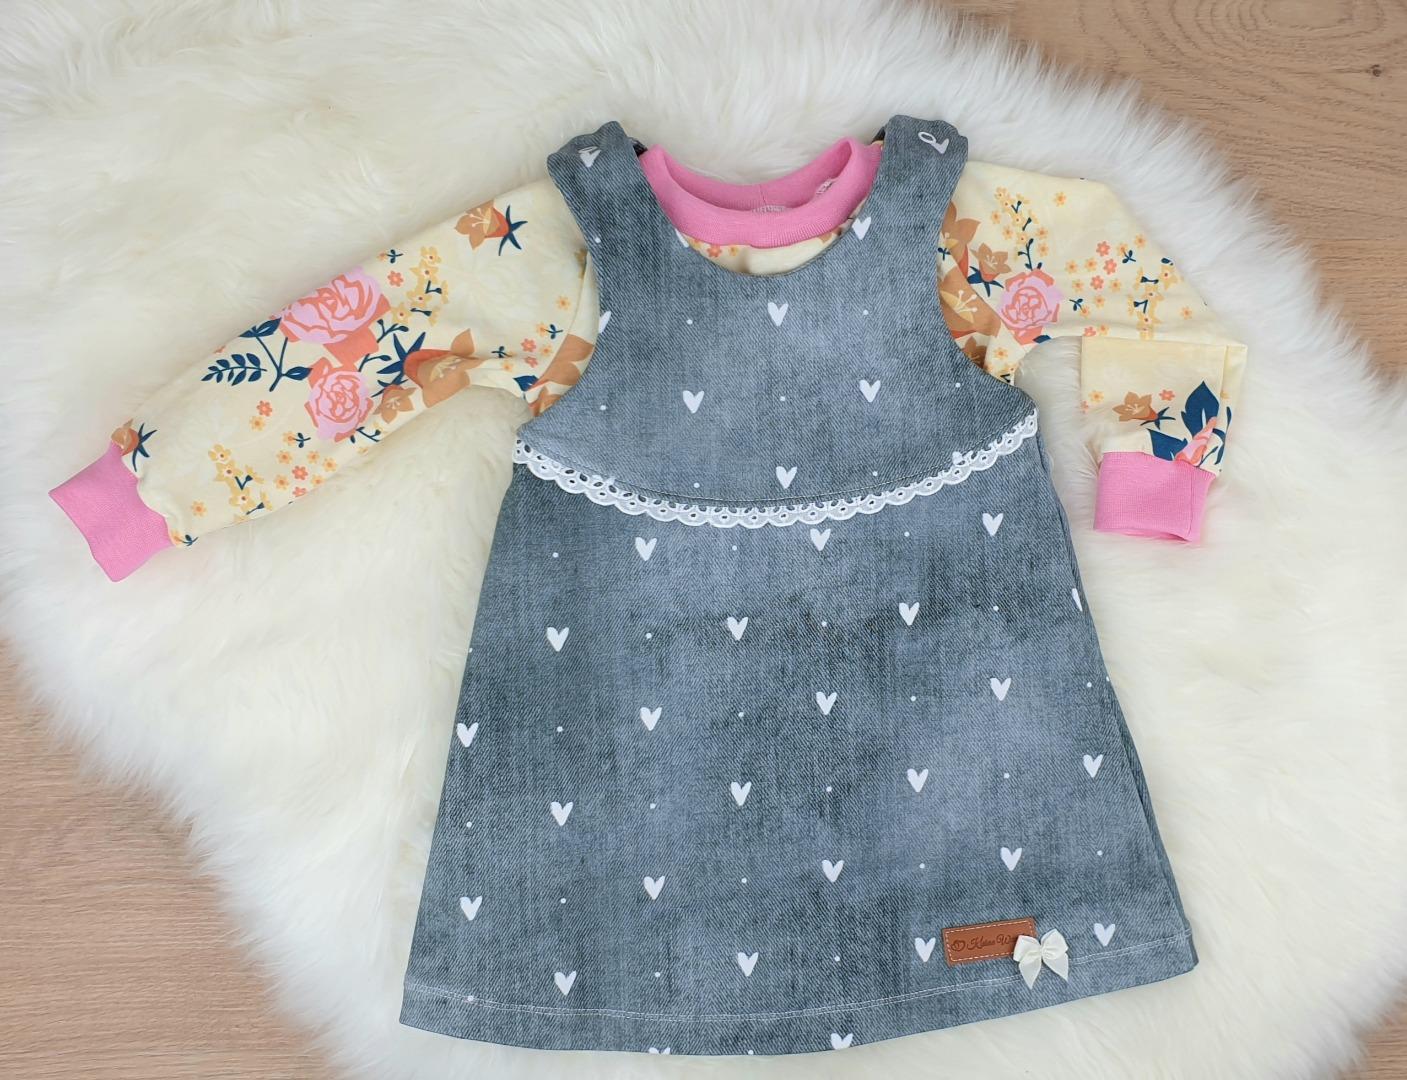 Sofortkauf Handmade Set Shirt und Kleid